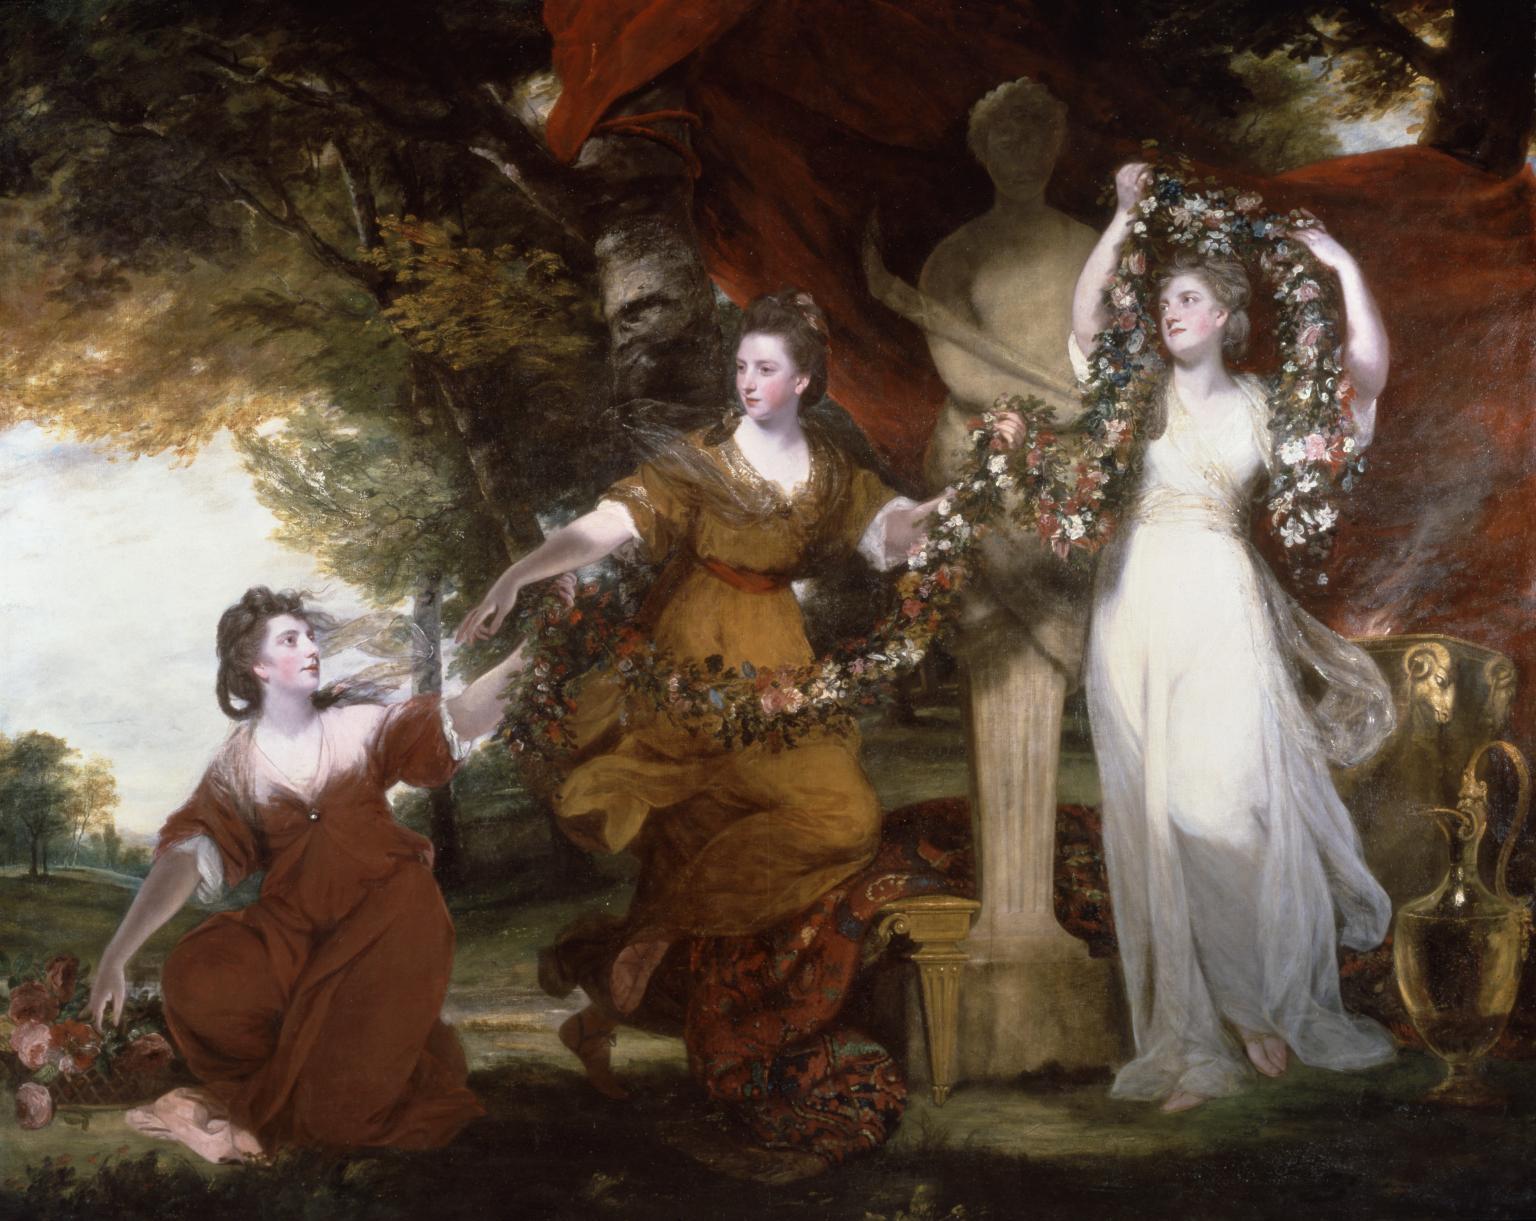 Three Ladies Adorning a Term of Hymen 1773 by Sir Joshua Reynolds 1723-1792